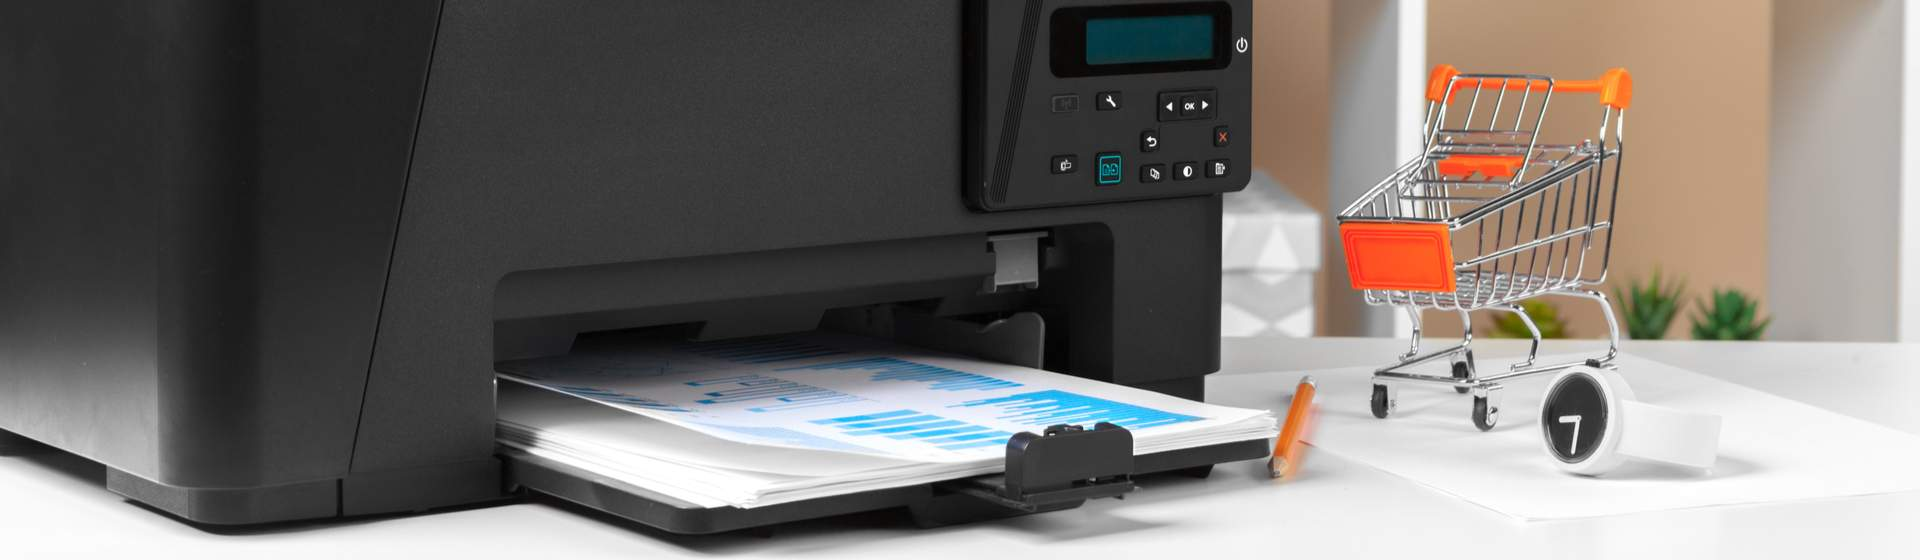 Melhor impressora Brother em 2021: 6 modelos para comprar